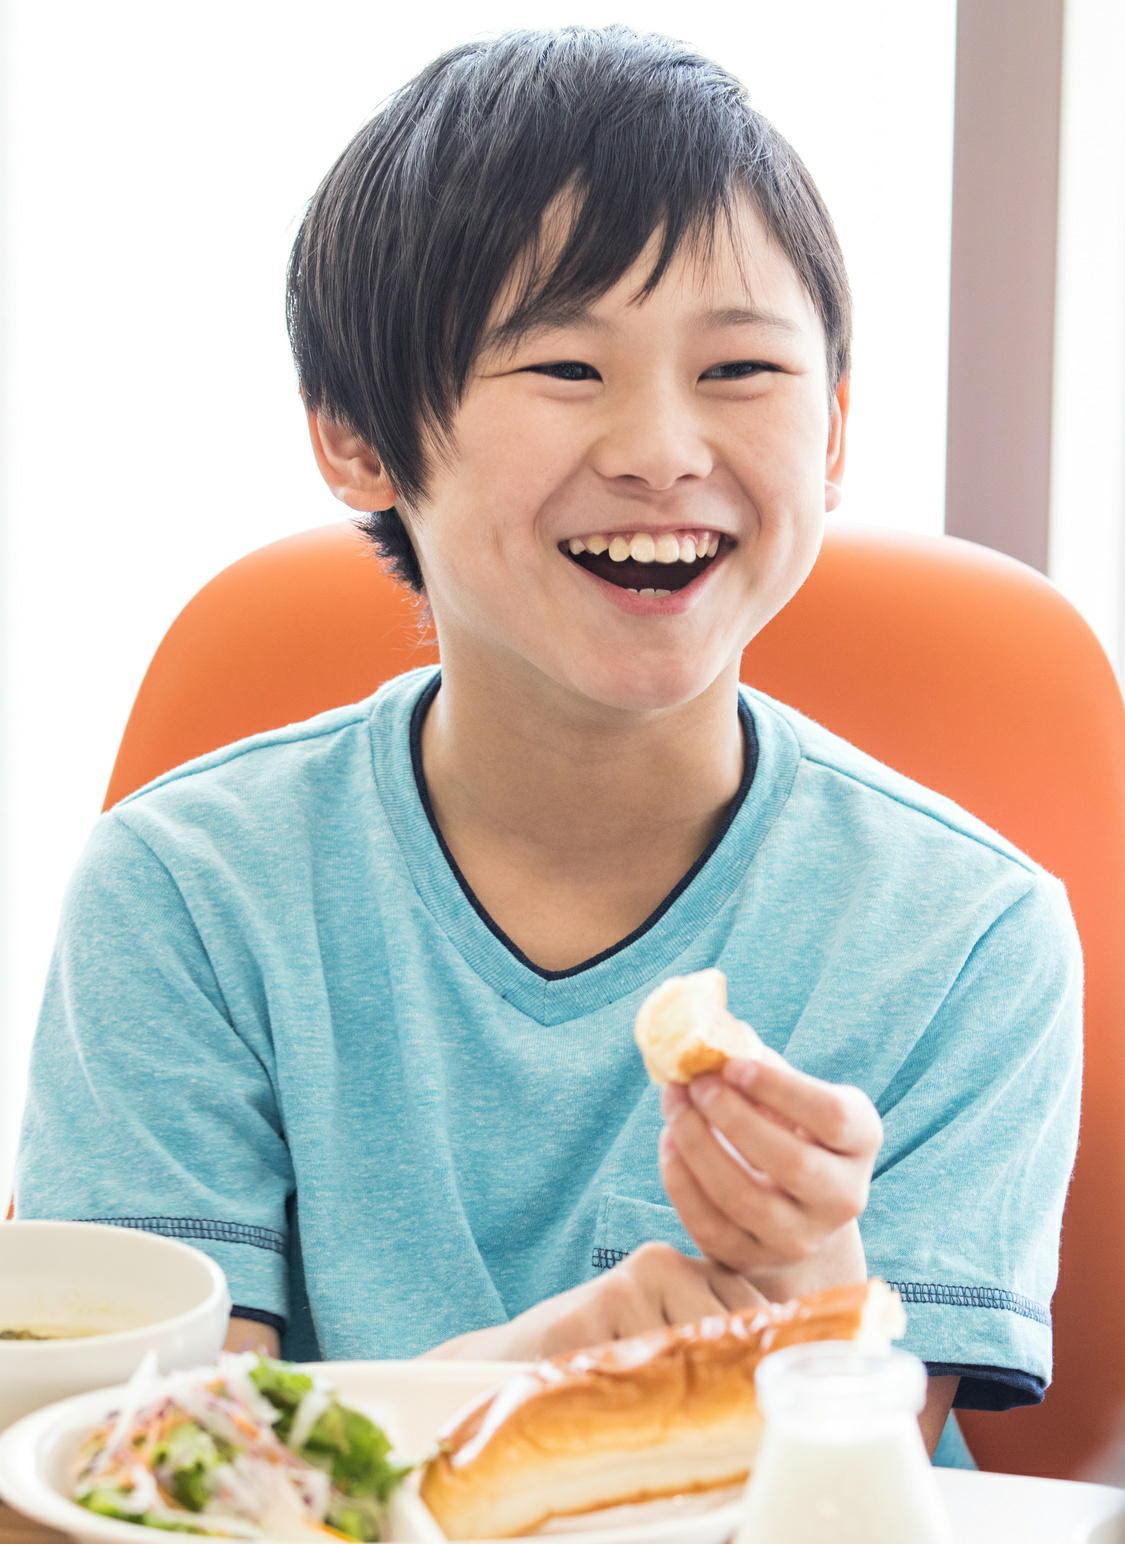 市内の全小中学校で実施、「坂戸食育プログラム」の調査結果を公表